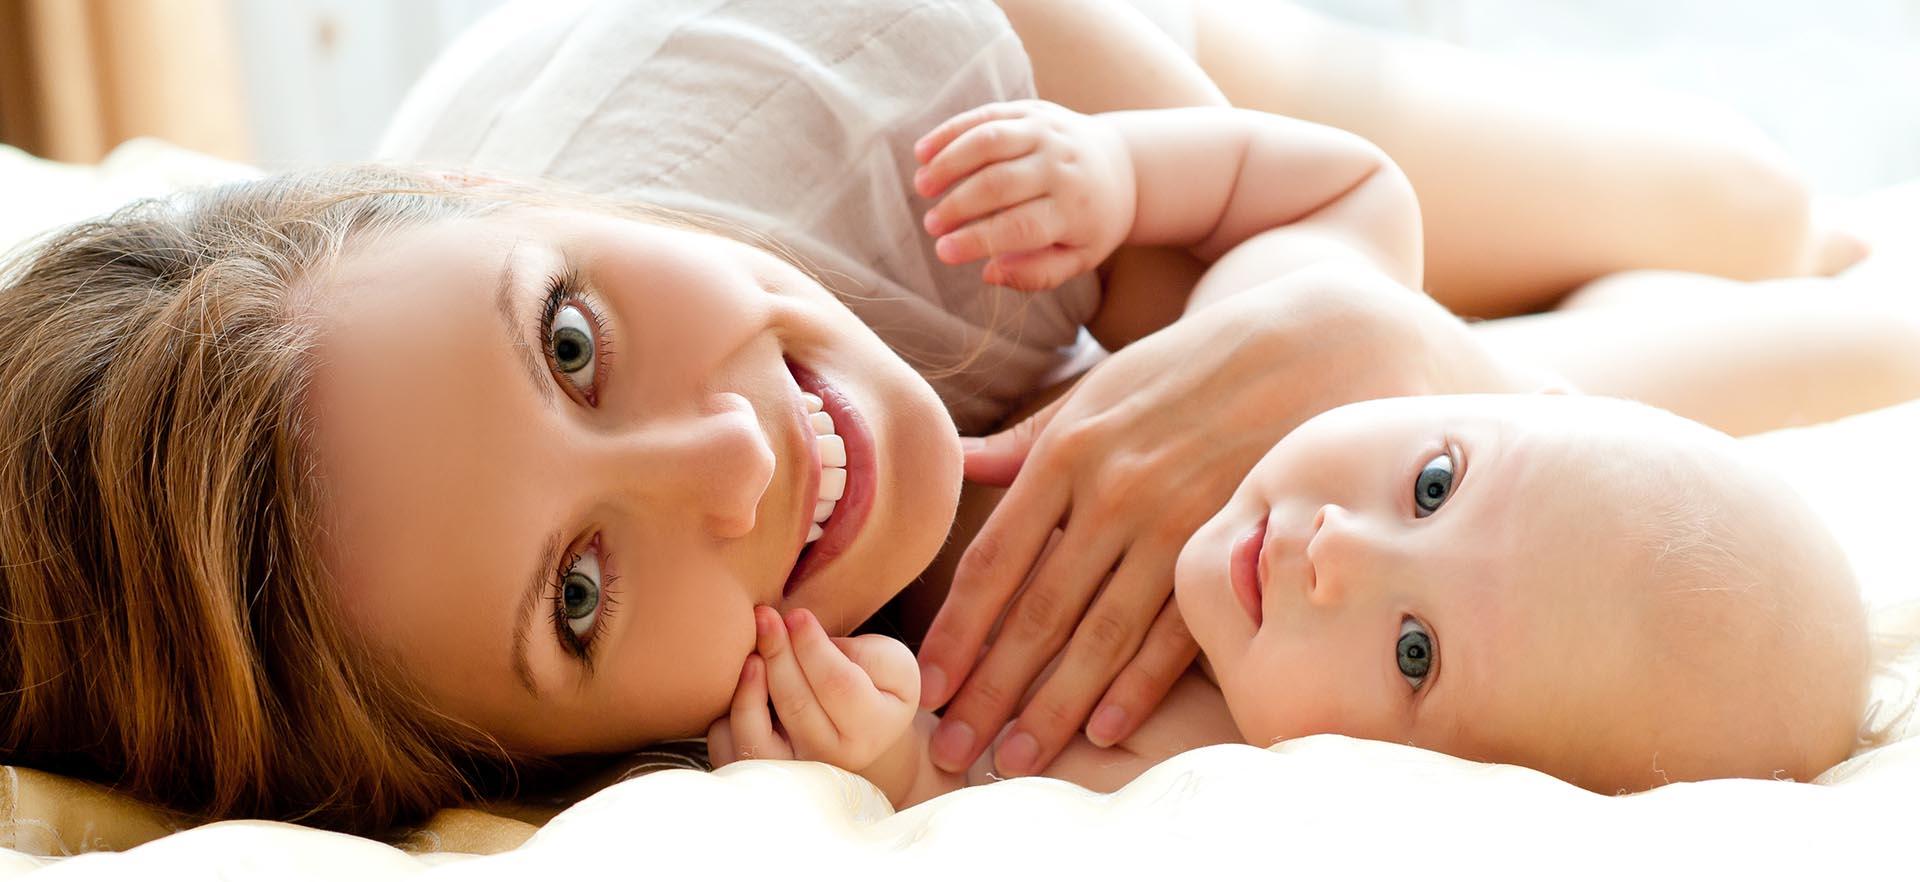 Tüp Bebek Tedavilerinde Kaç Ay Ara Verilir?